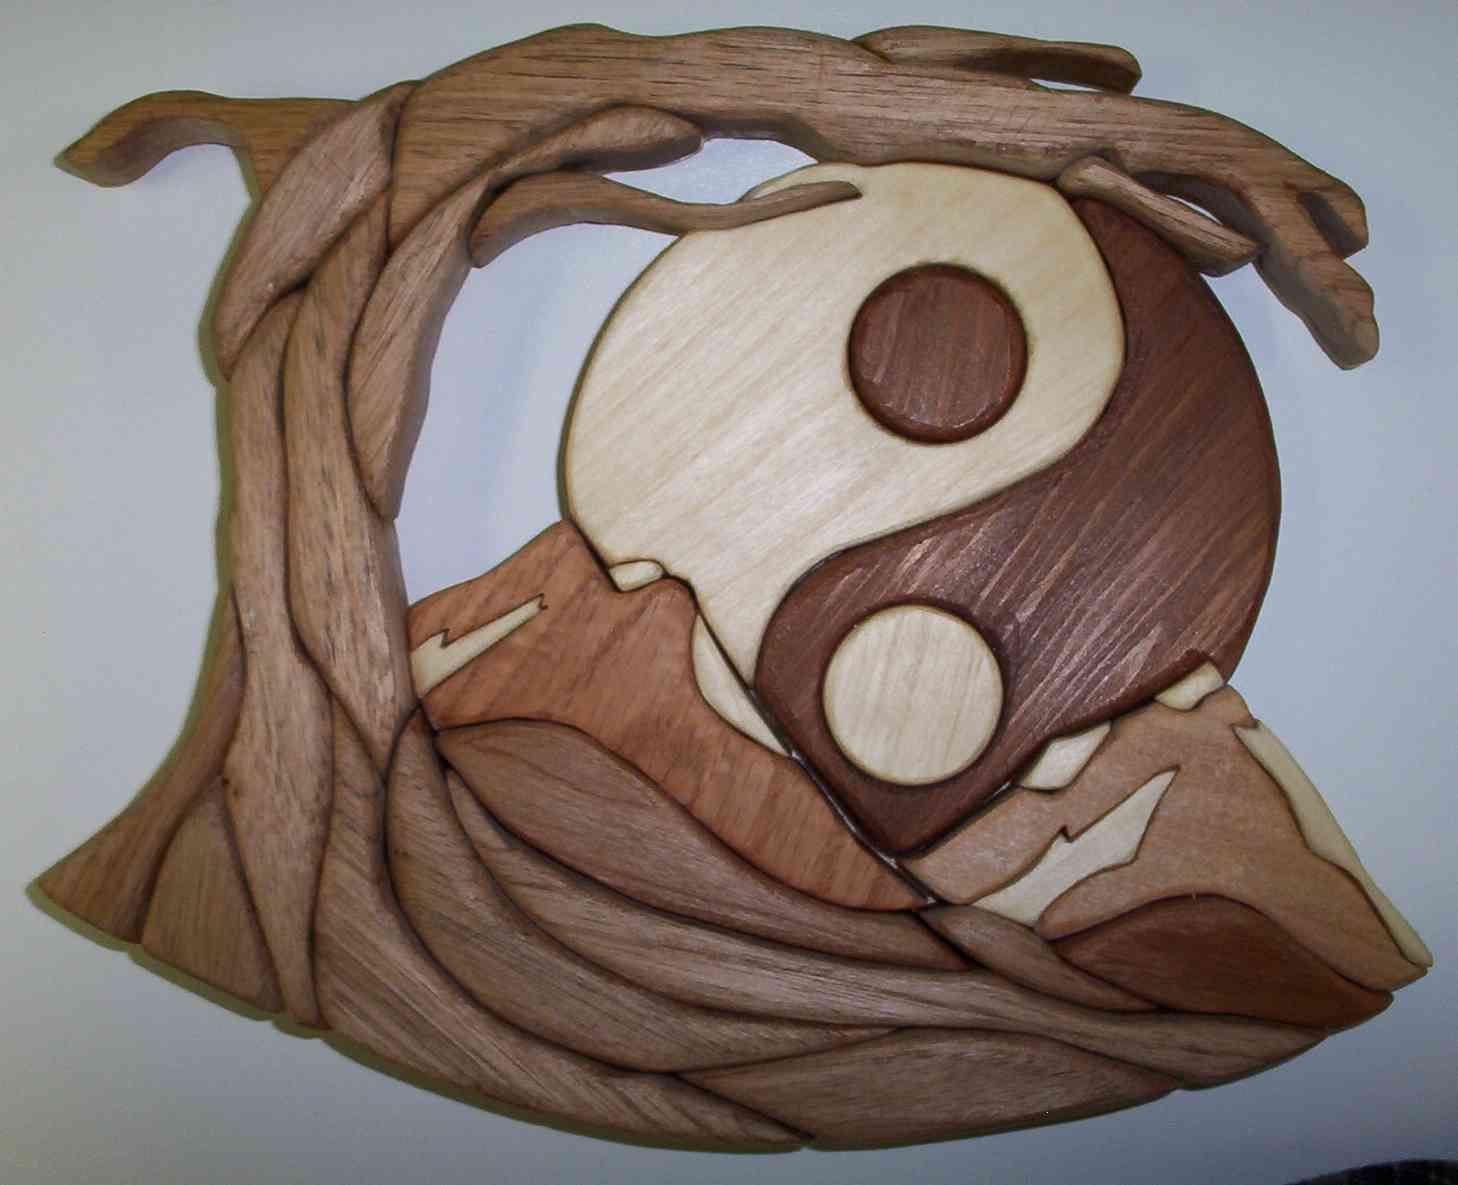 Intarsia Yin and Yang Intarsia Pinterest Intarsia wood